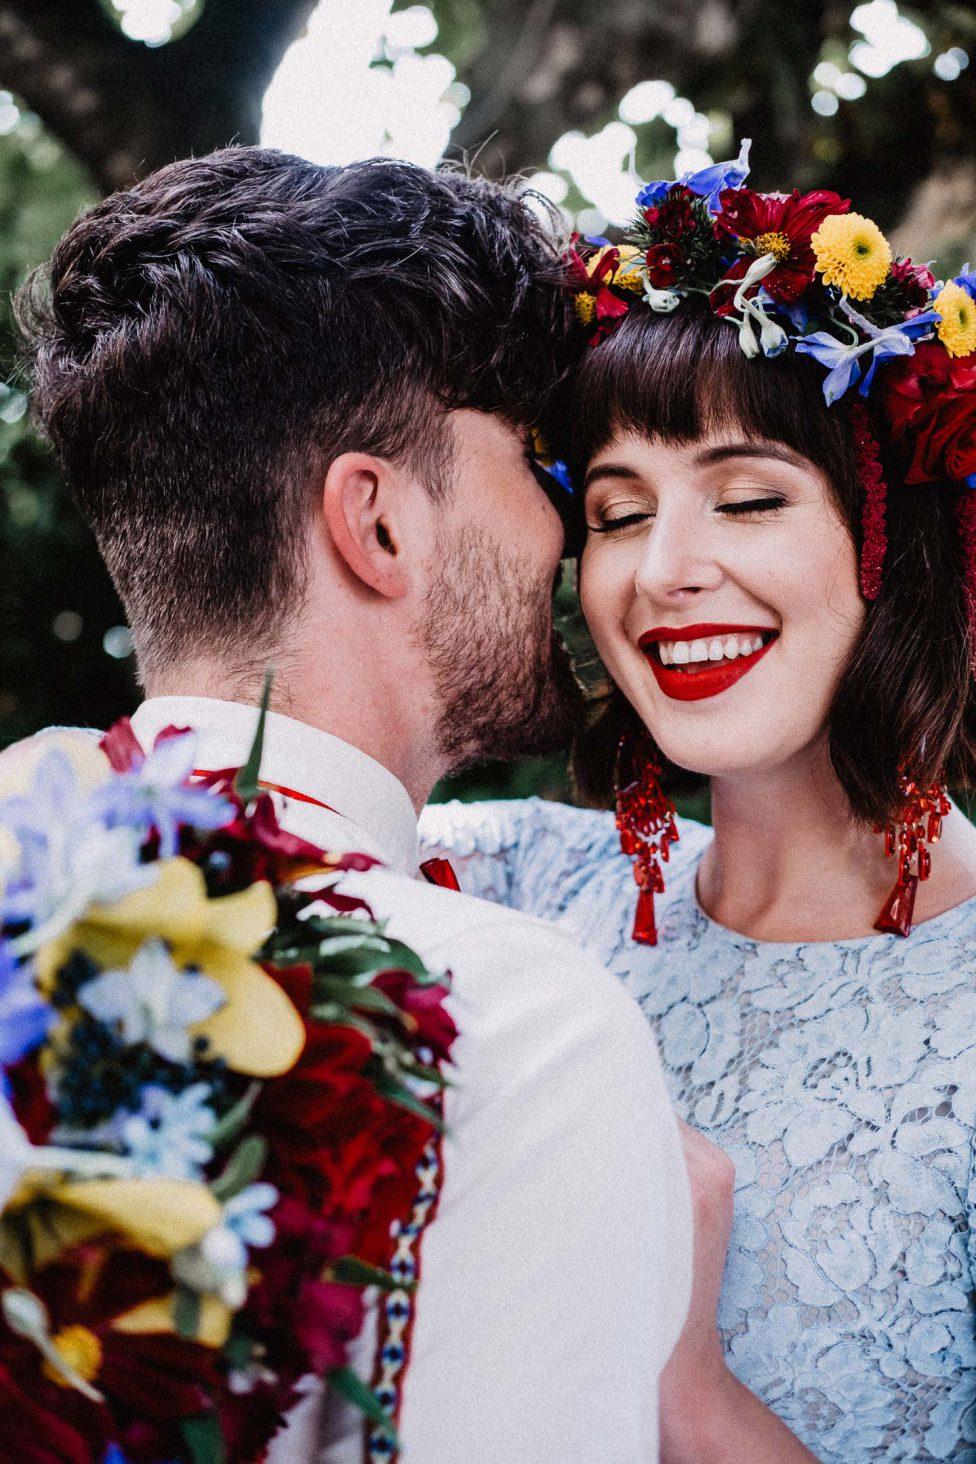 Bunte Erneuerung eines Eheversprechens